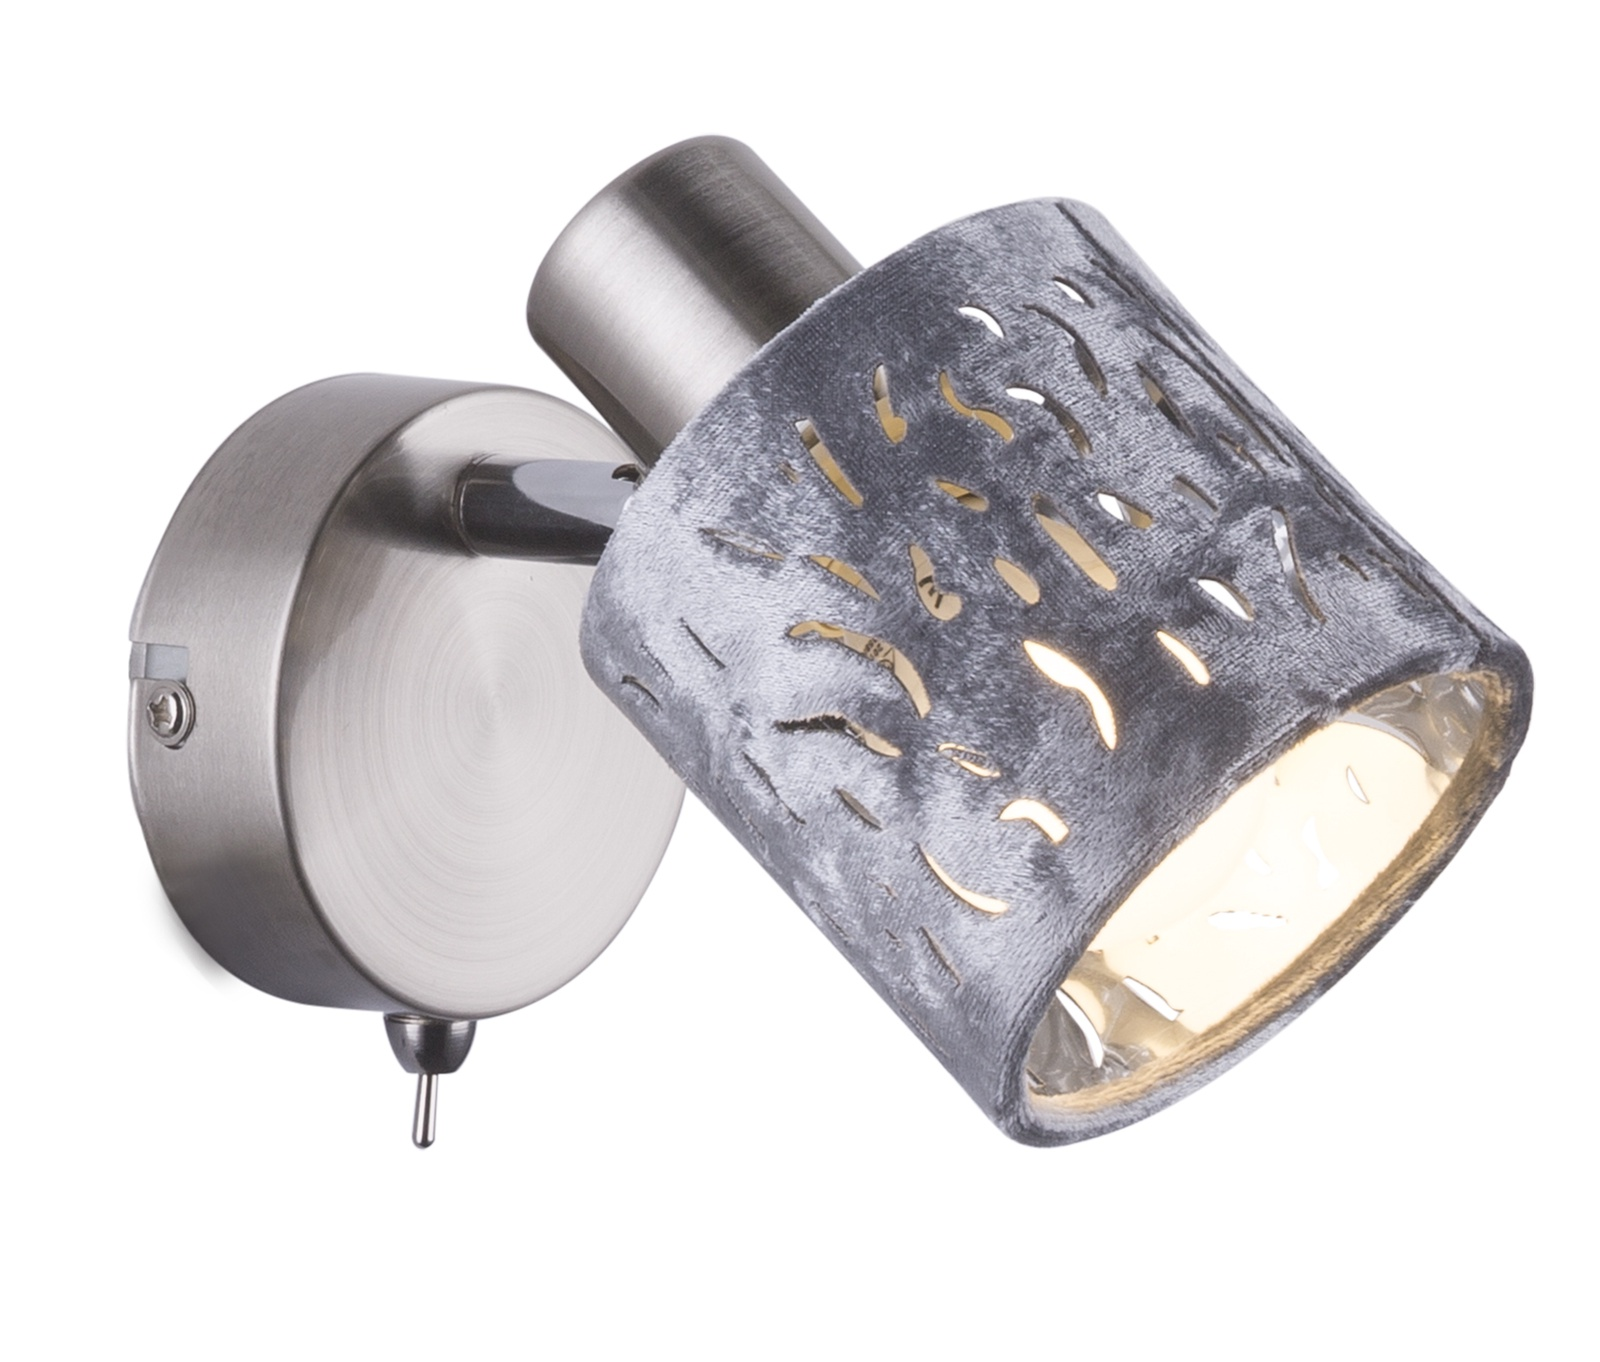 Настенно-потолочный светильник Globo Alys, серый потолочный светильник globo ugo серый